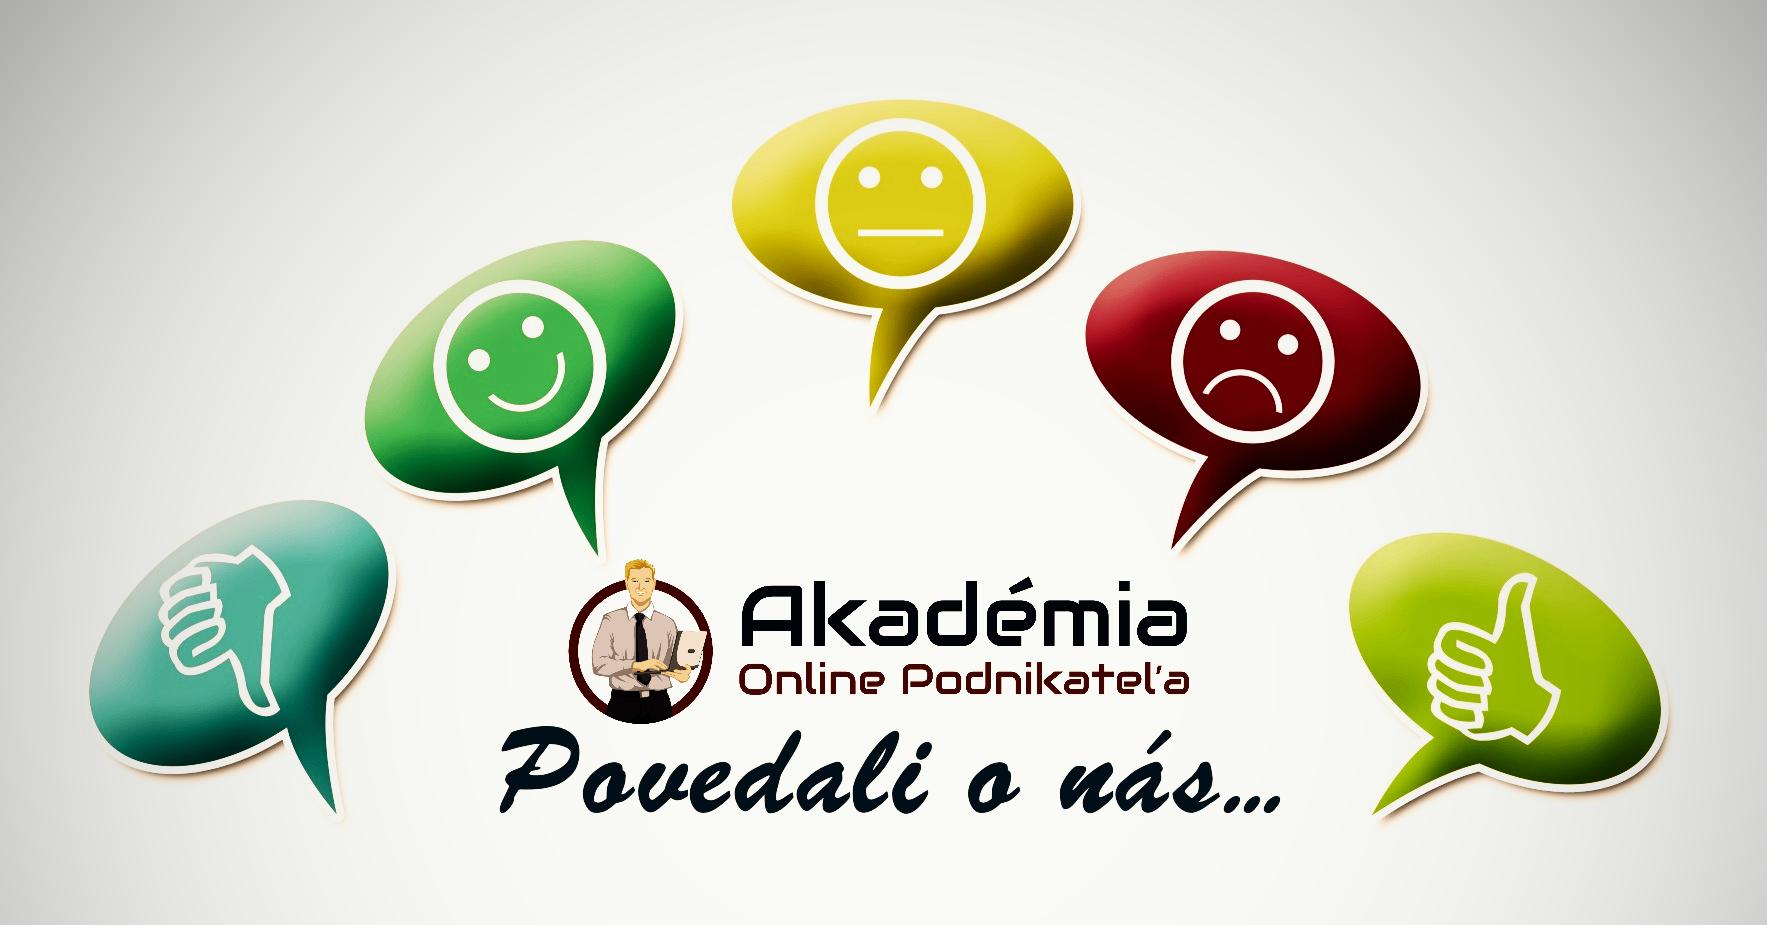 Akadémia online podnikateľa referencie